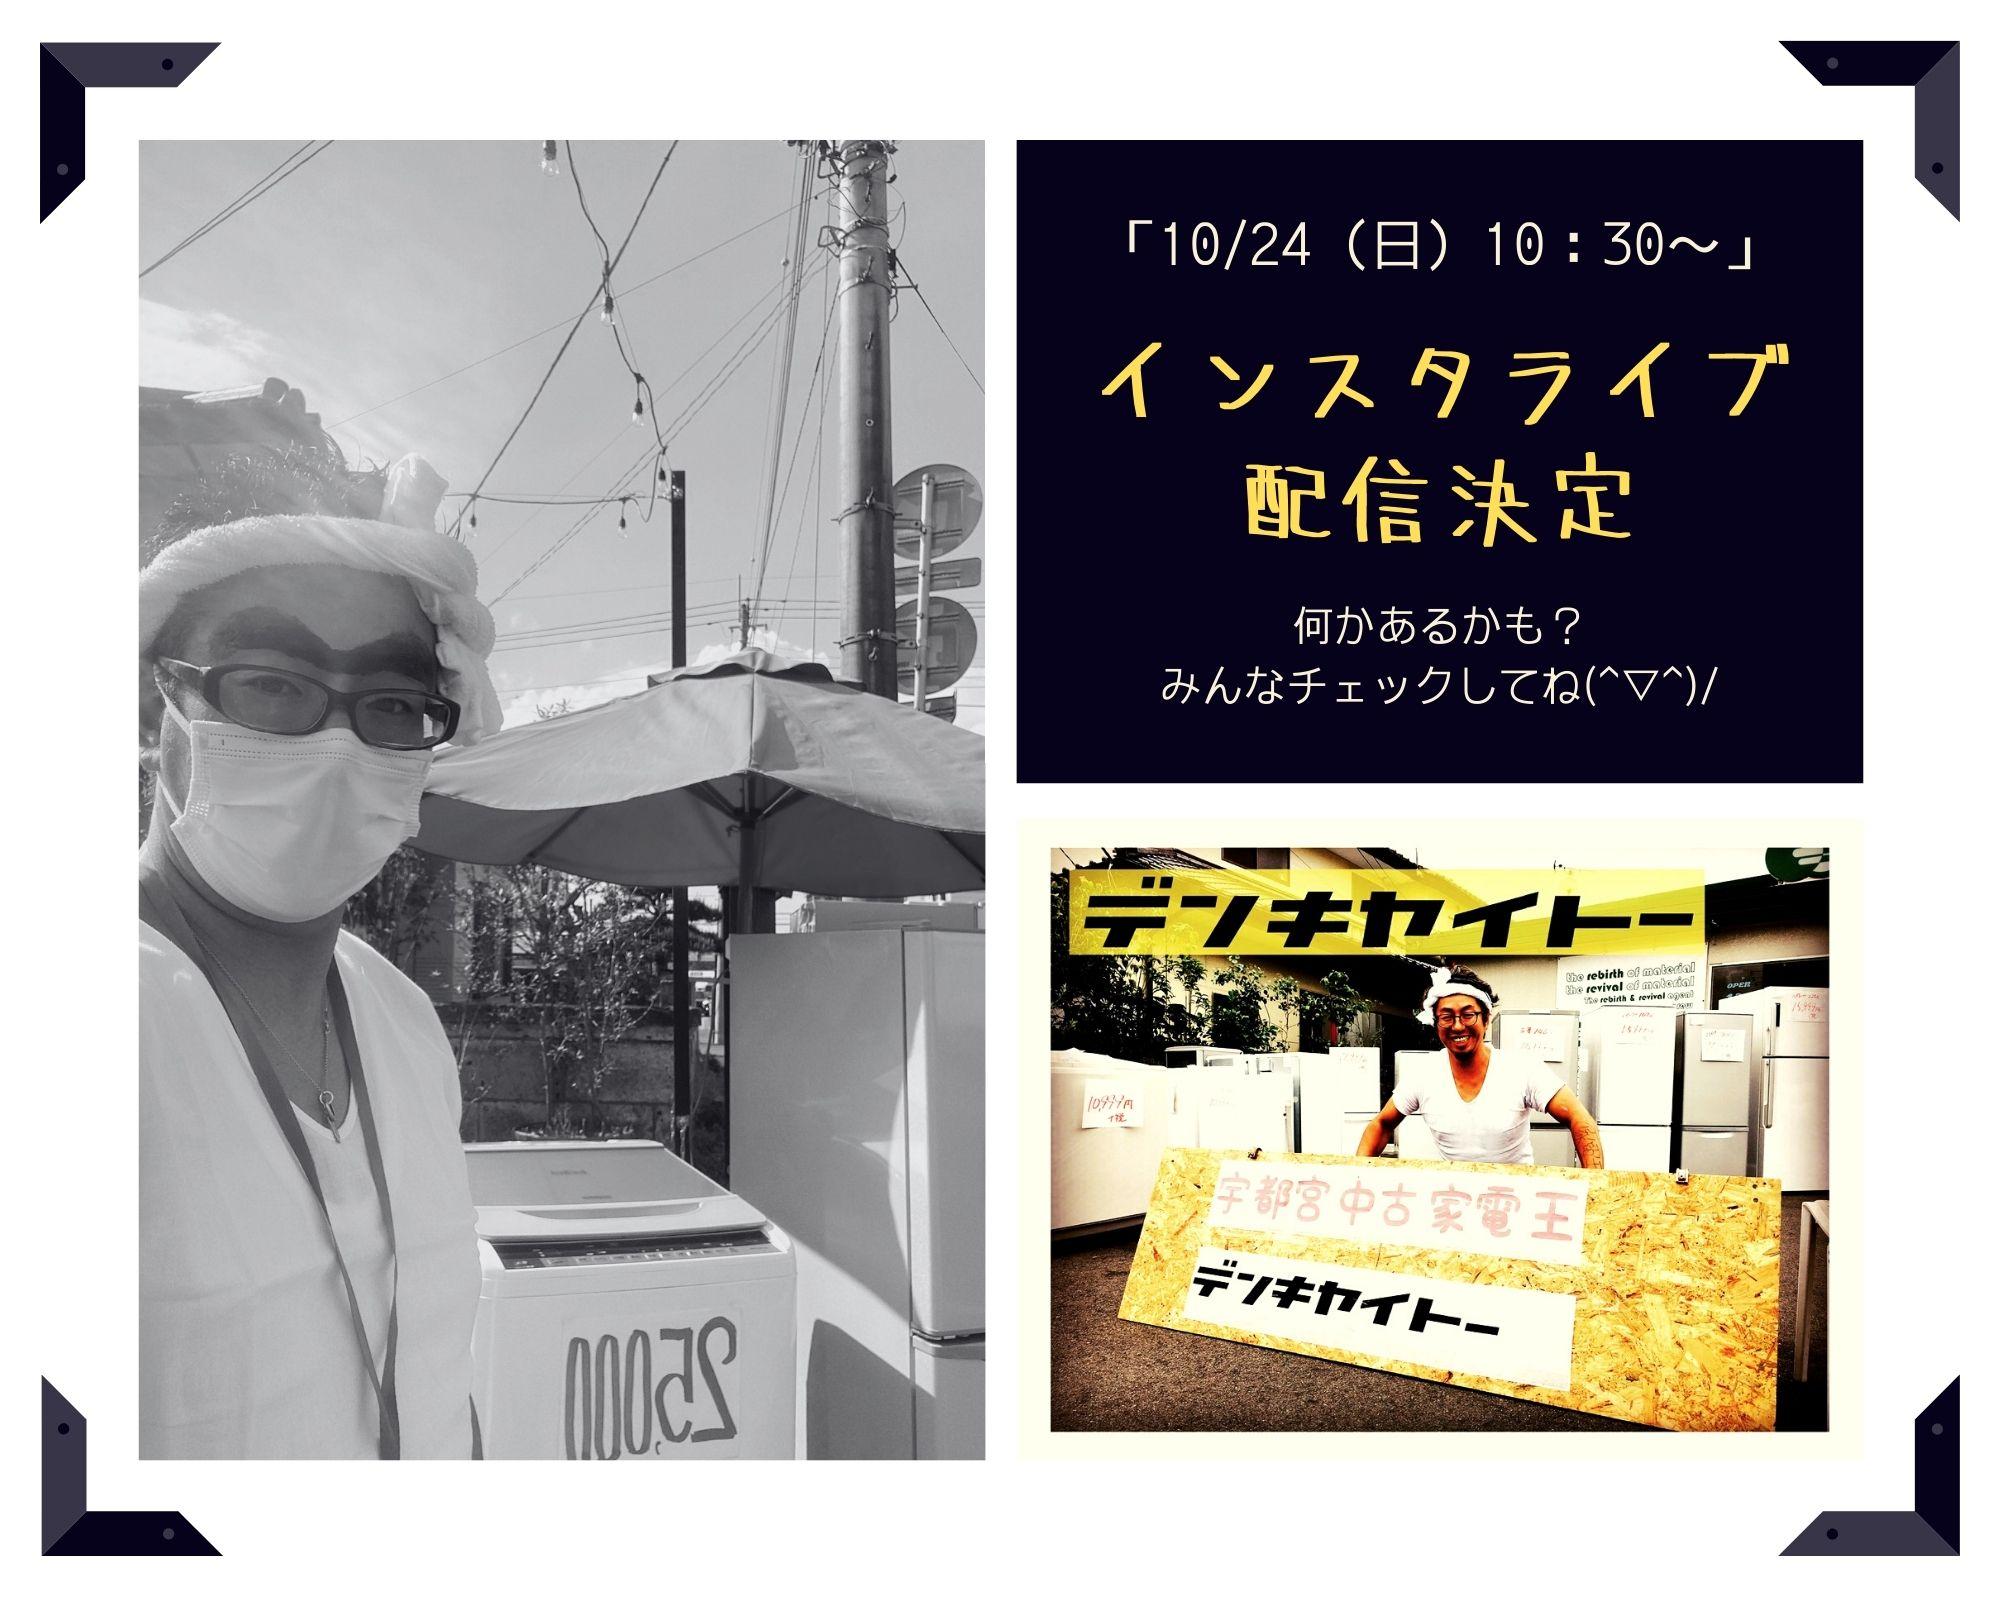 宇都宮 家電 イベント デンキヤイトー インスタライブ